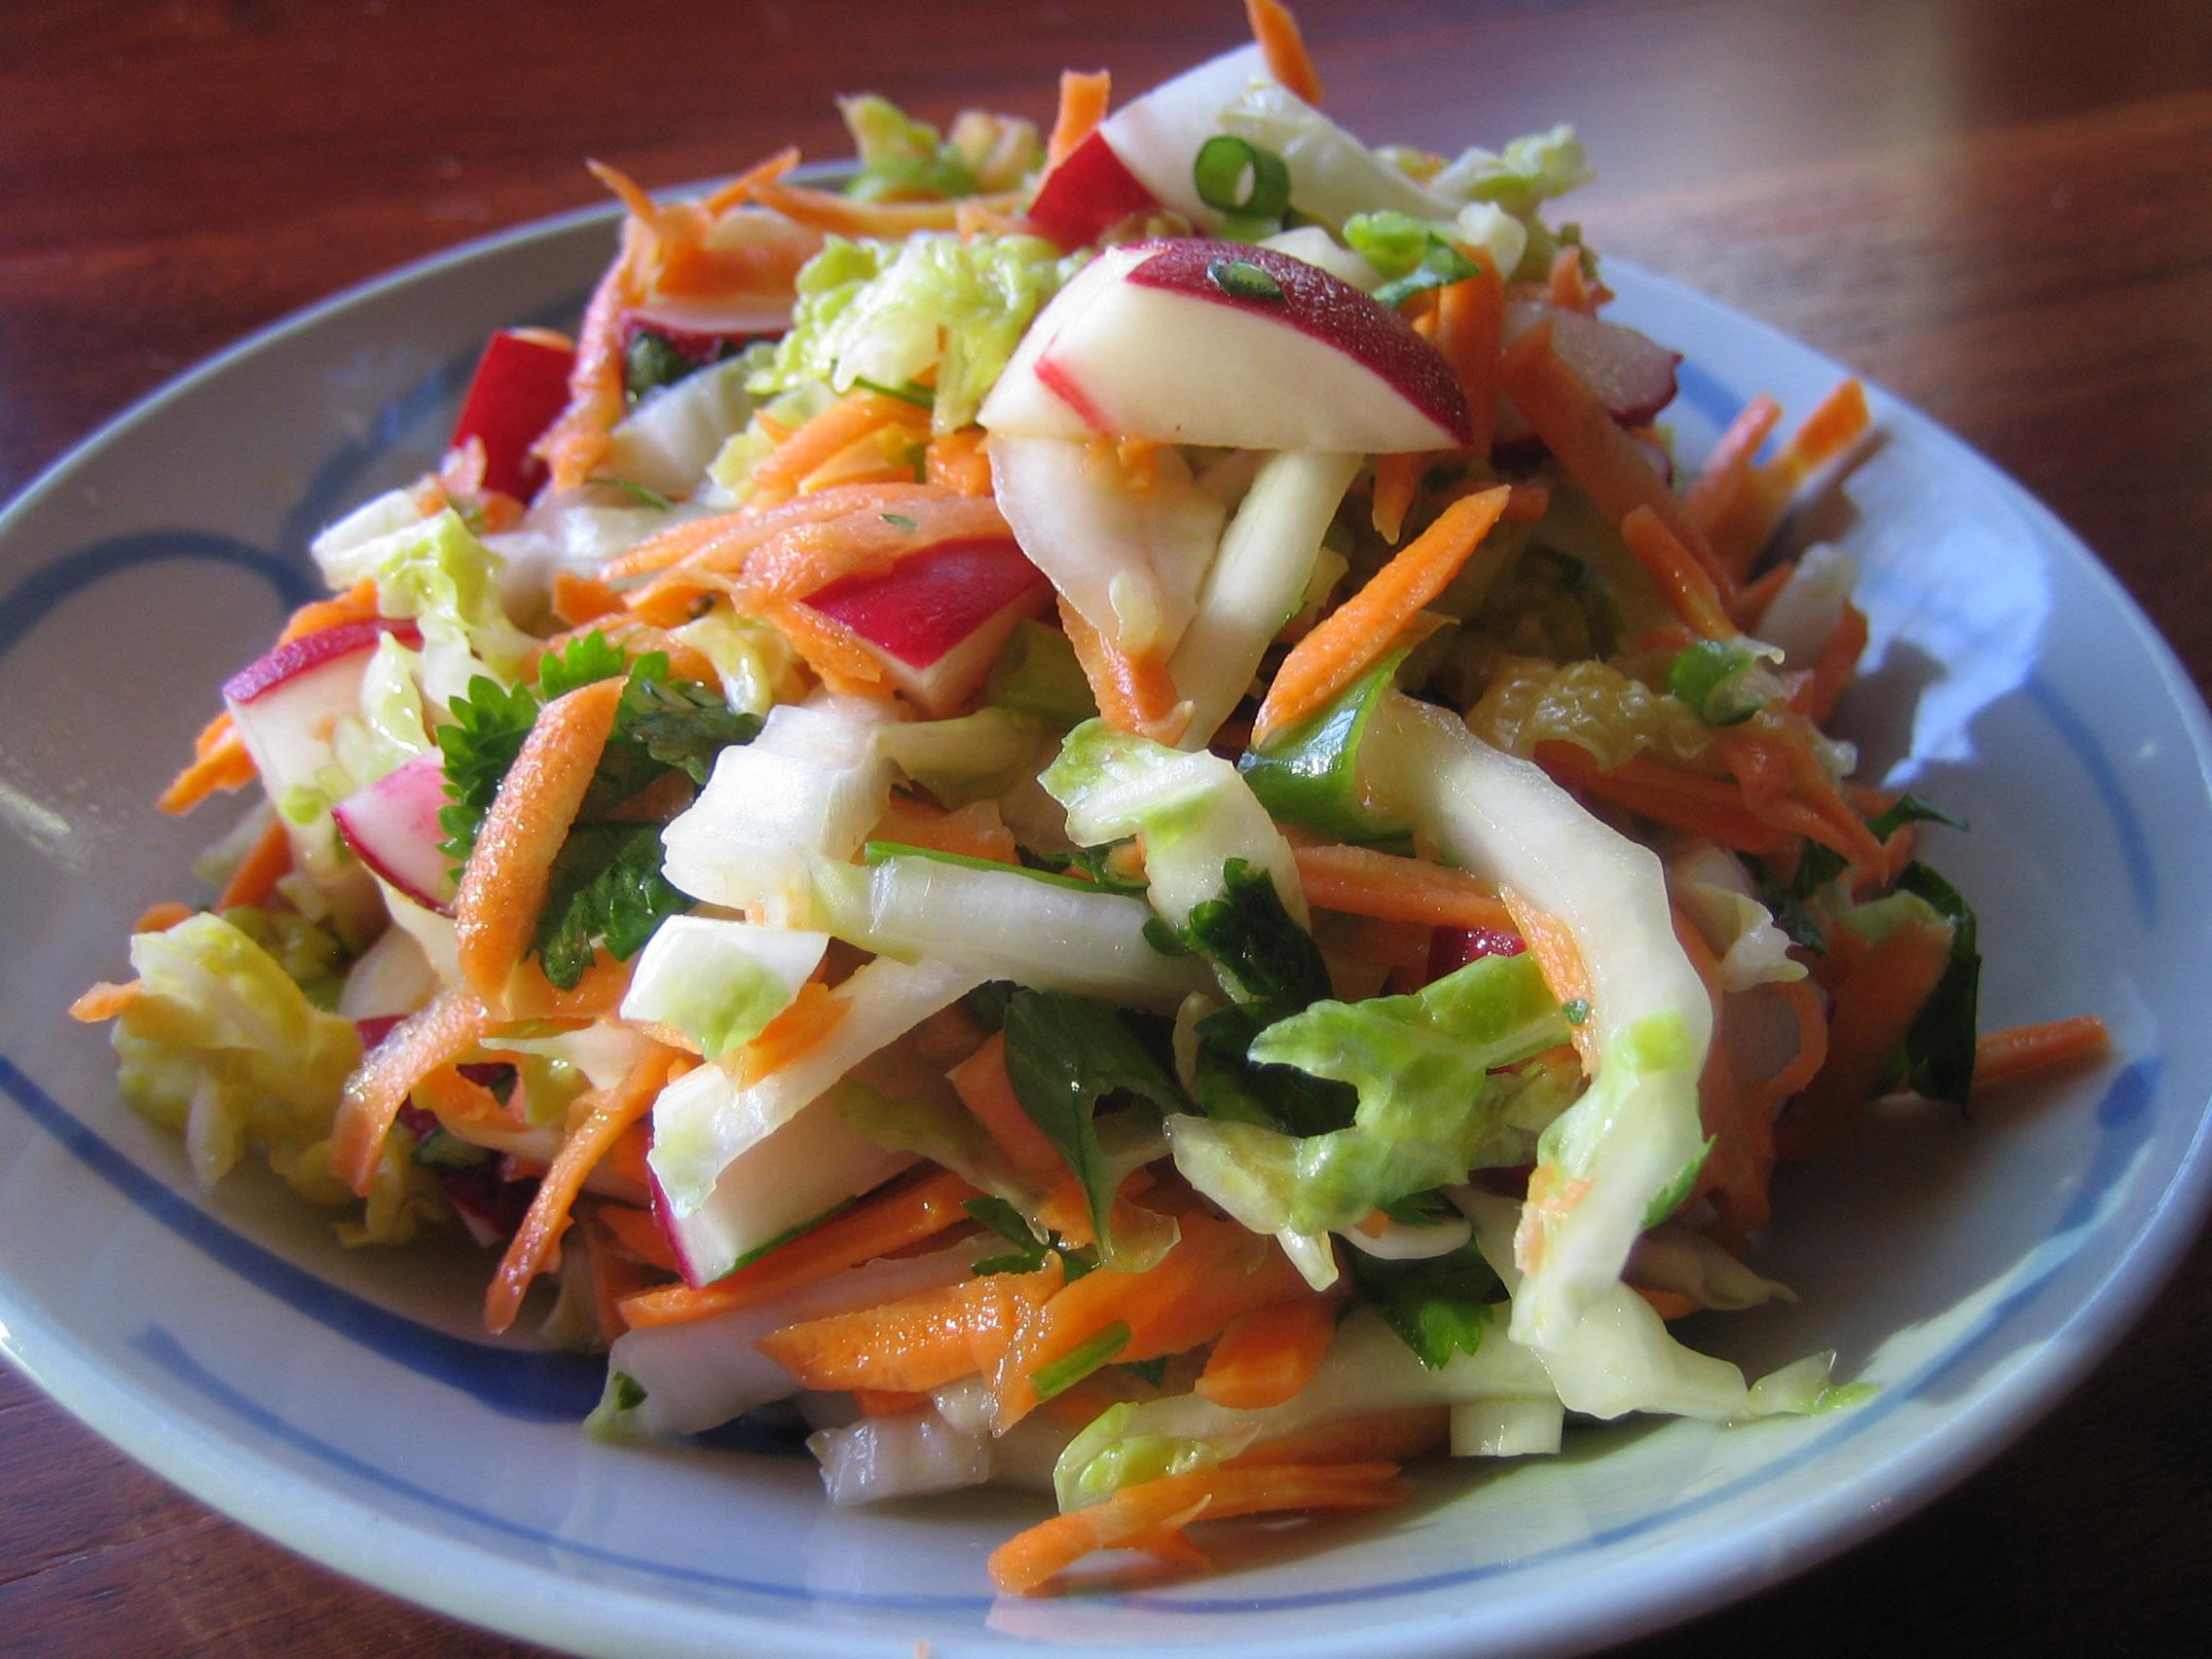 Рецепт салата мексиканский с